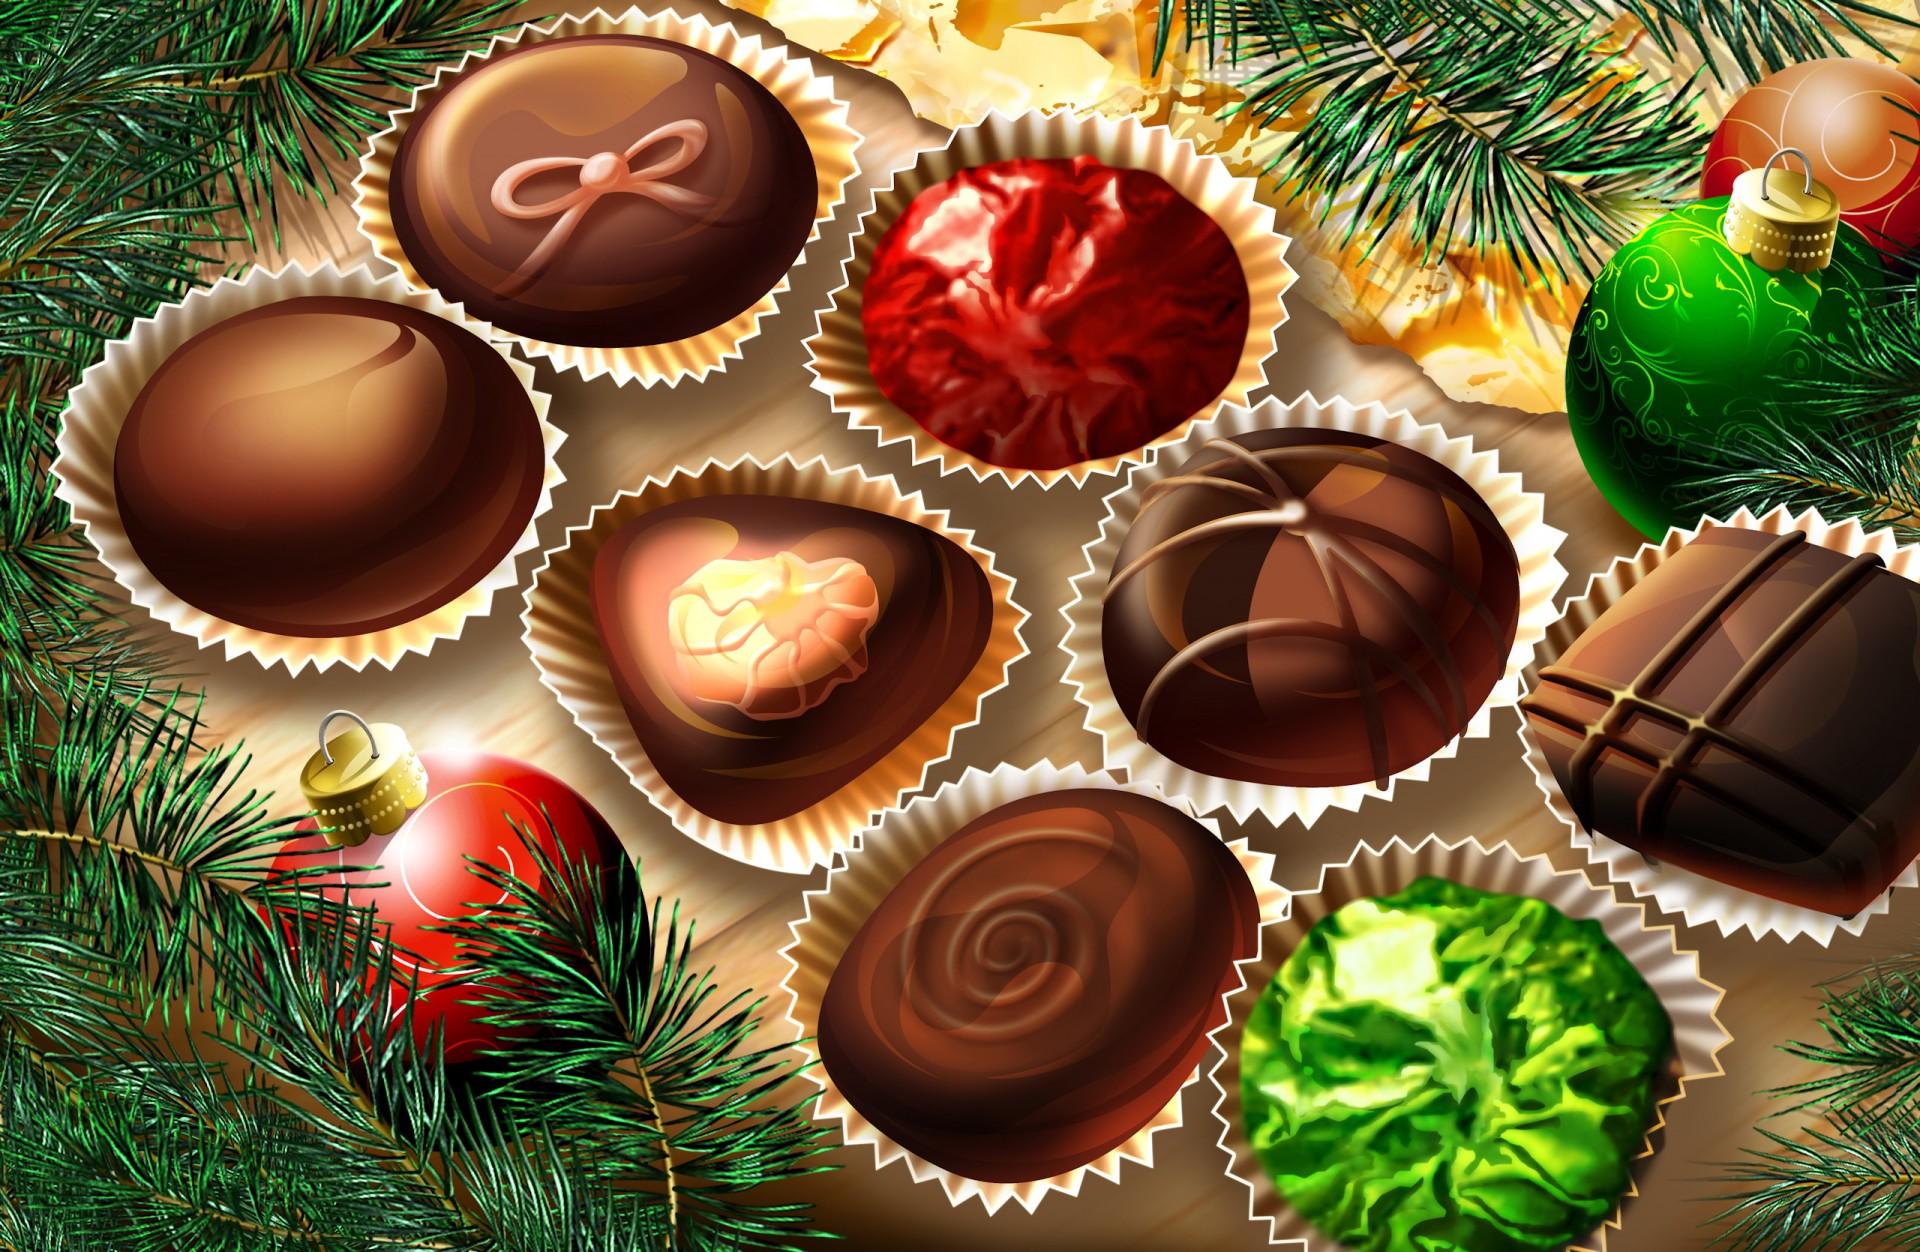 новый год праздник конфеты new year holiday candy скачать